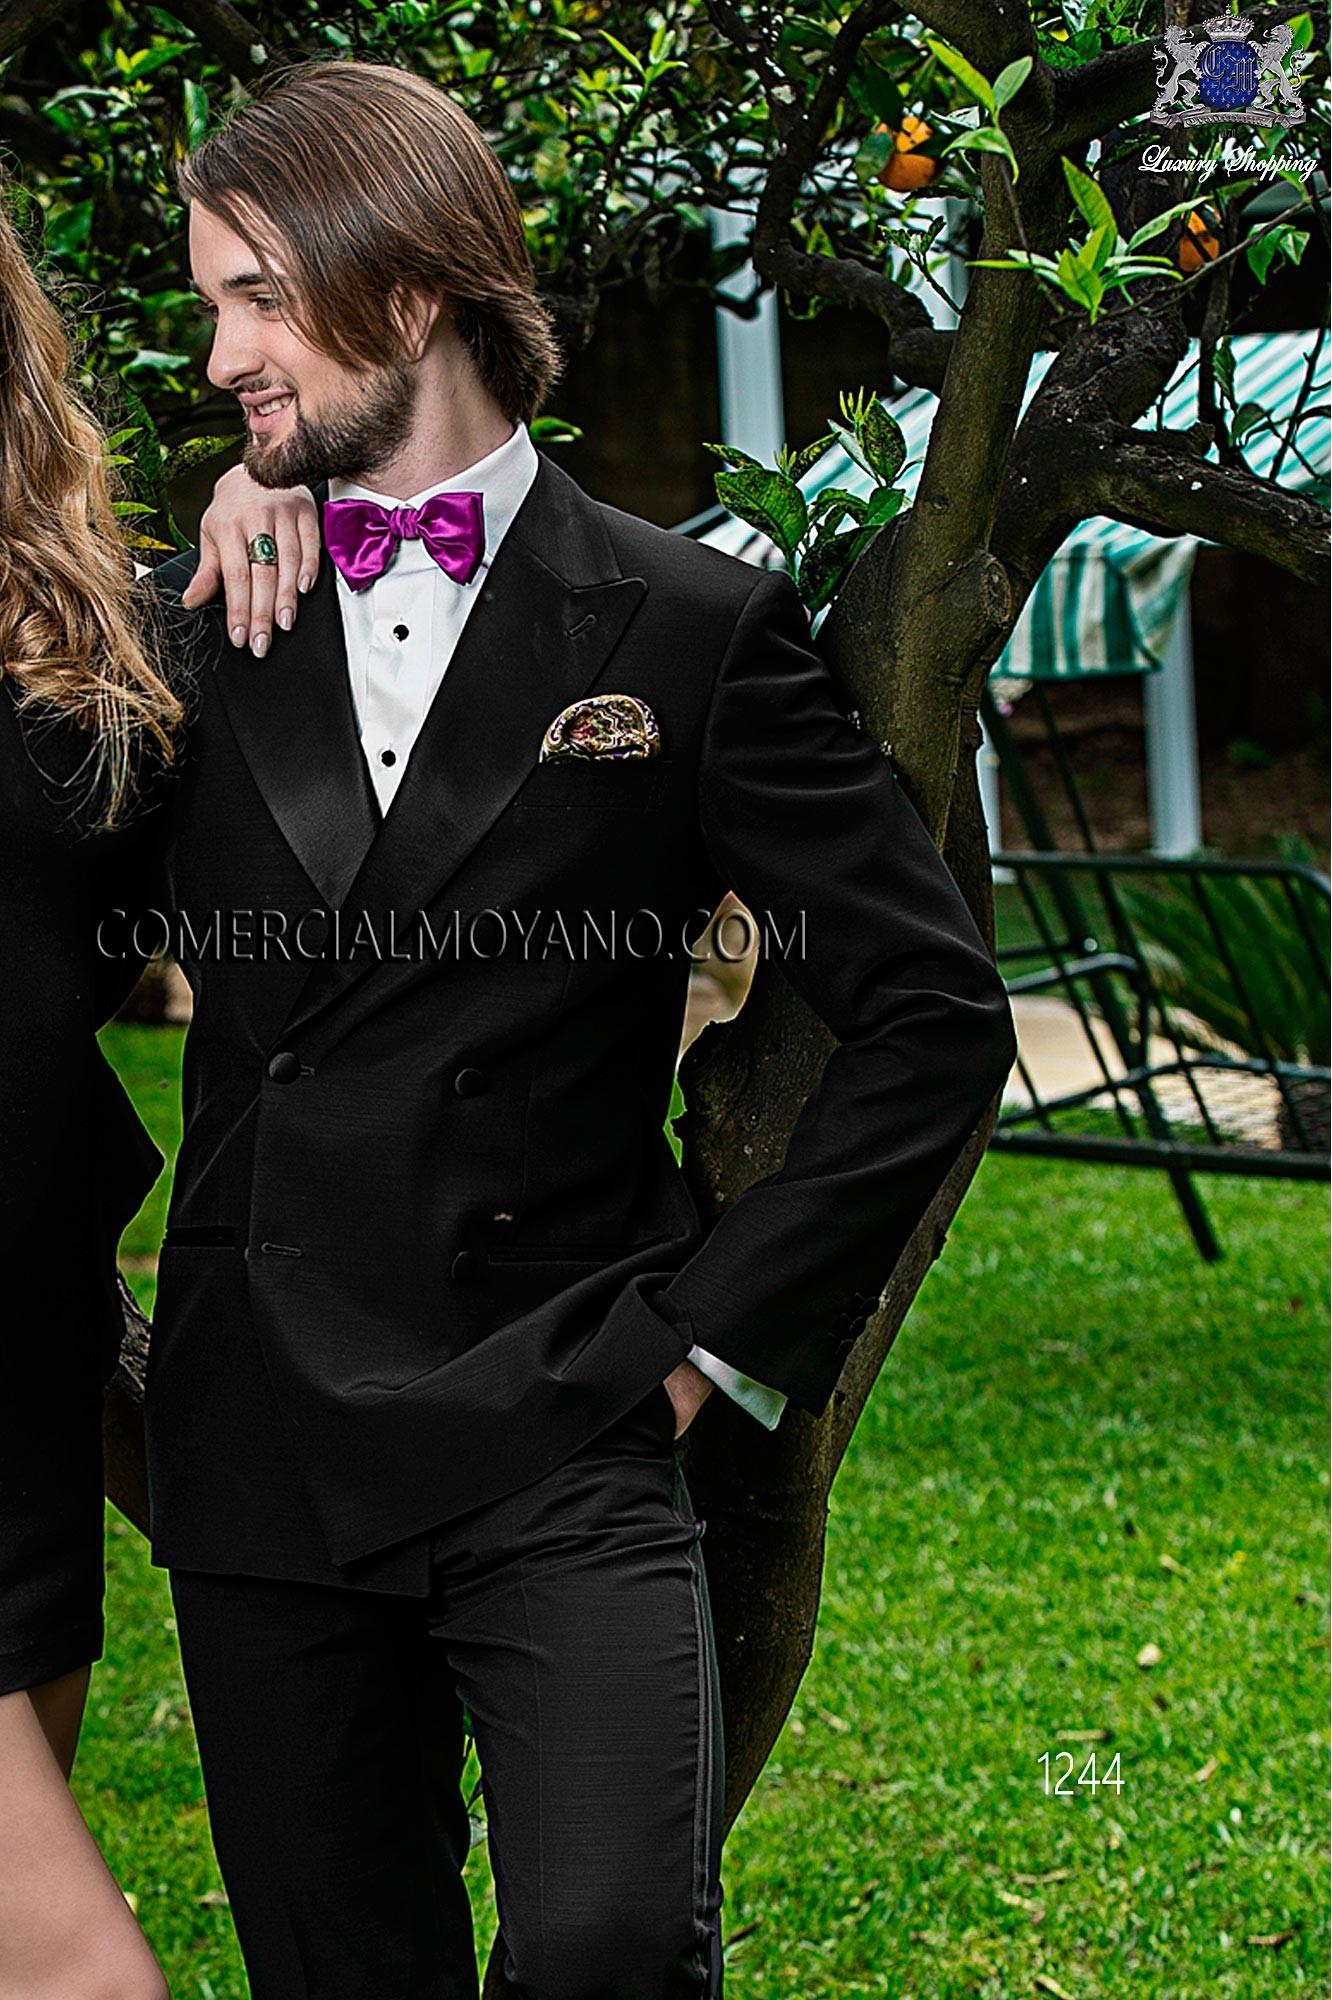 Traje BlackTie de novio negro modelo: 1244 Ottavio Nuccio Gala colección Black Tie